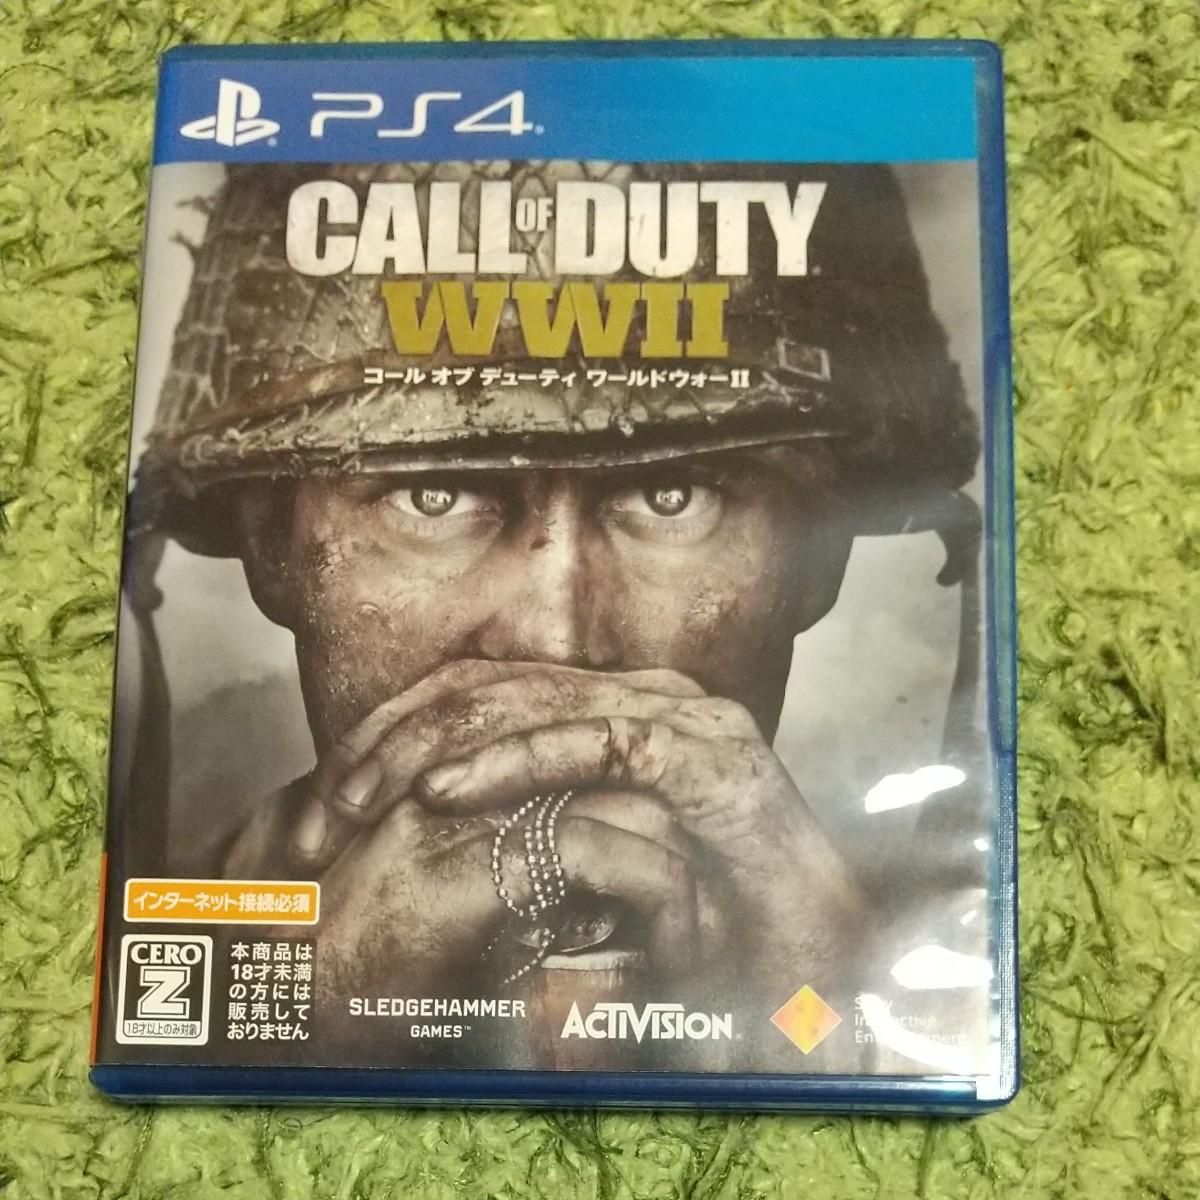 PS4 コールオブデューティ ワールドウォー ワールドウォー2 CALL OF DUTY コールオブデューティー WW2